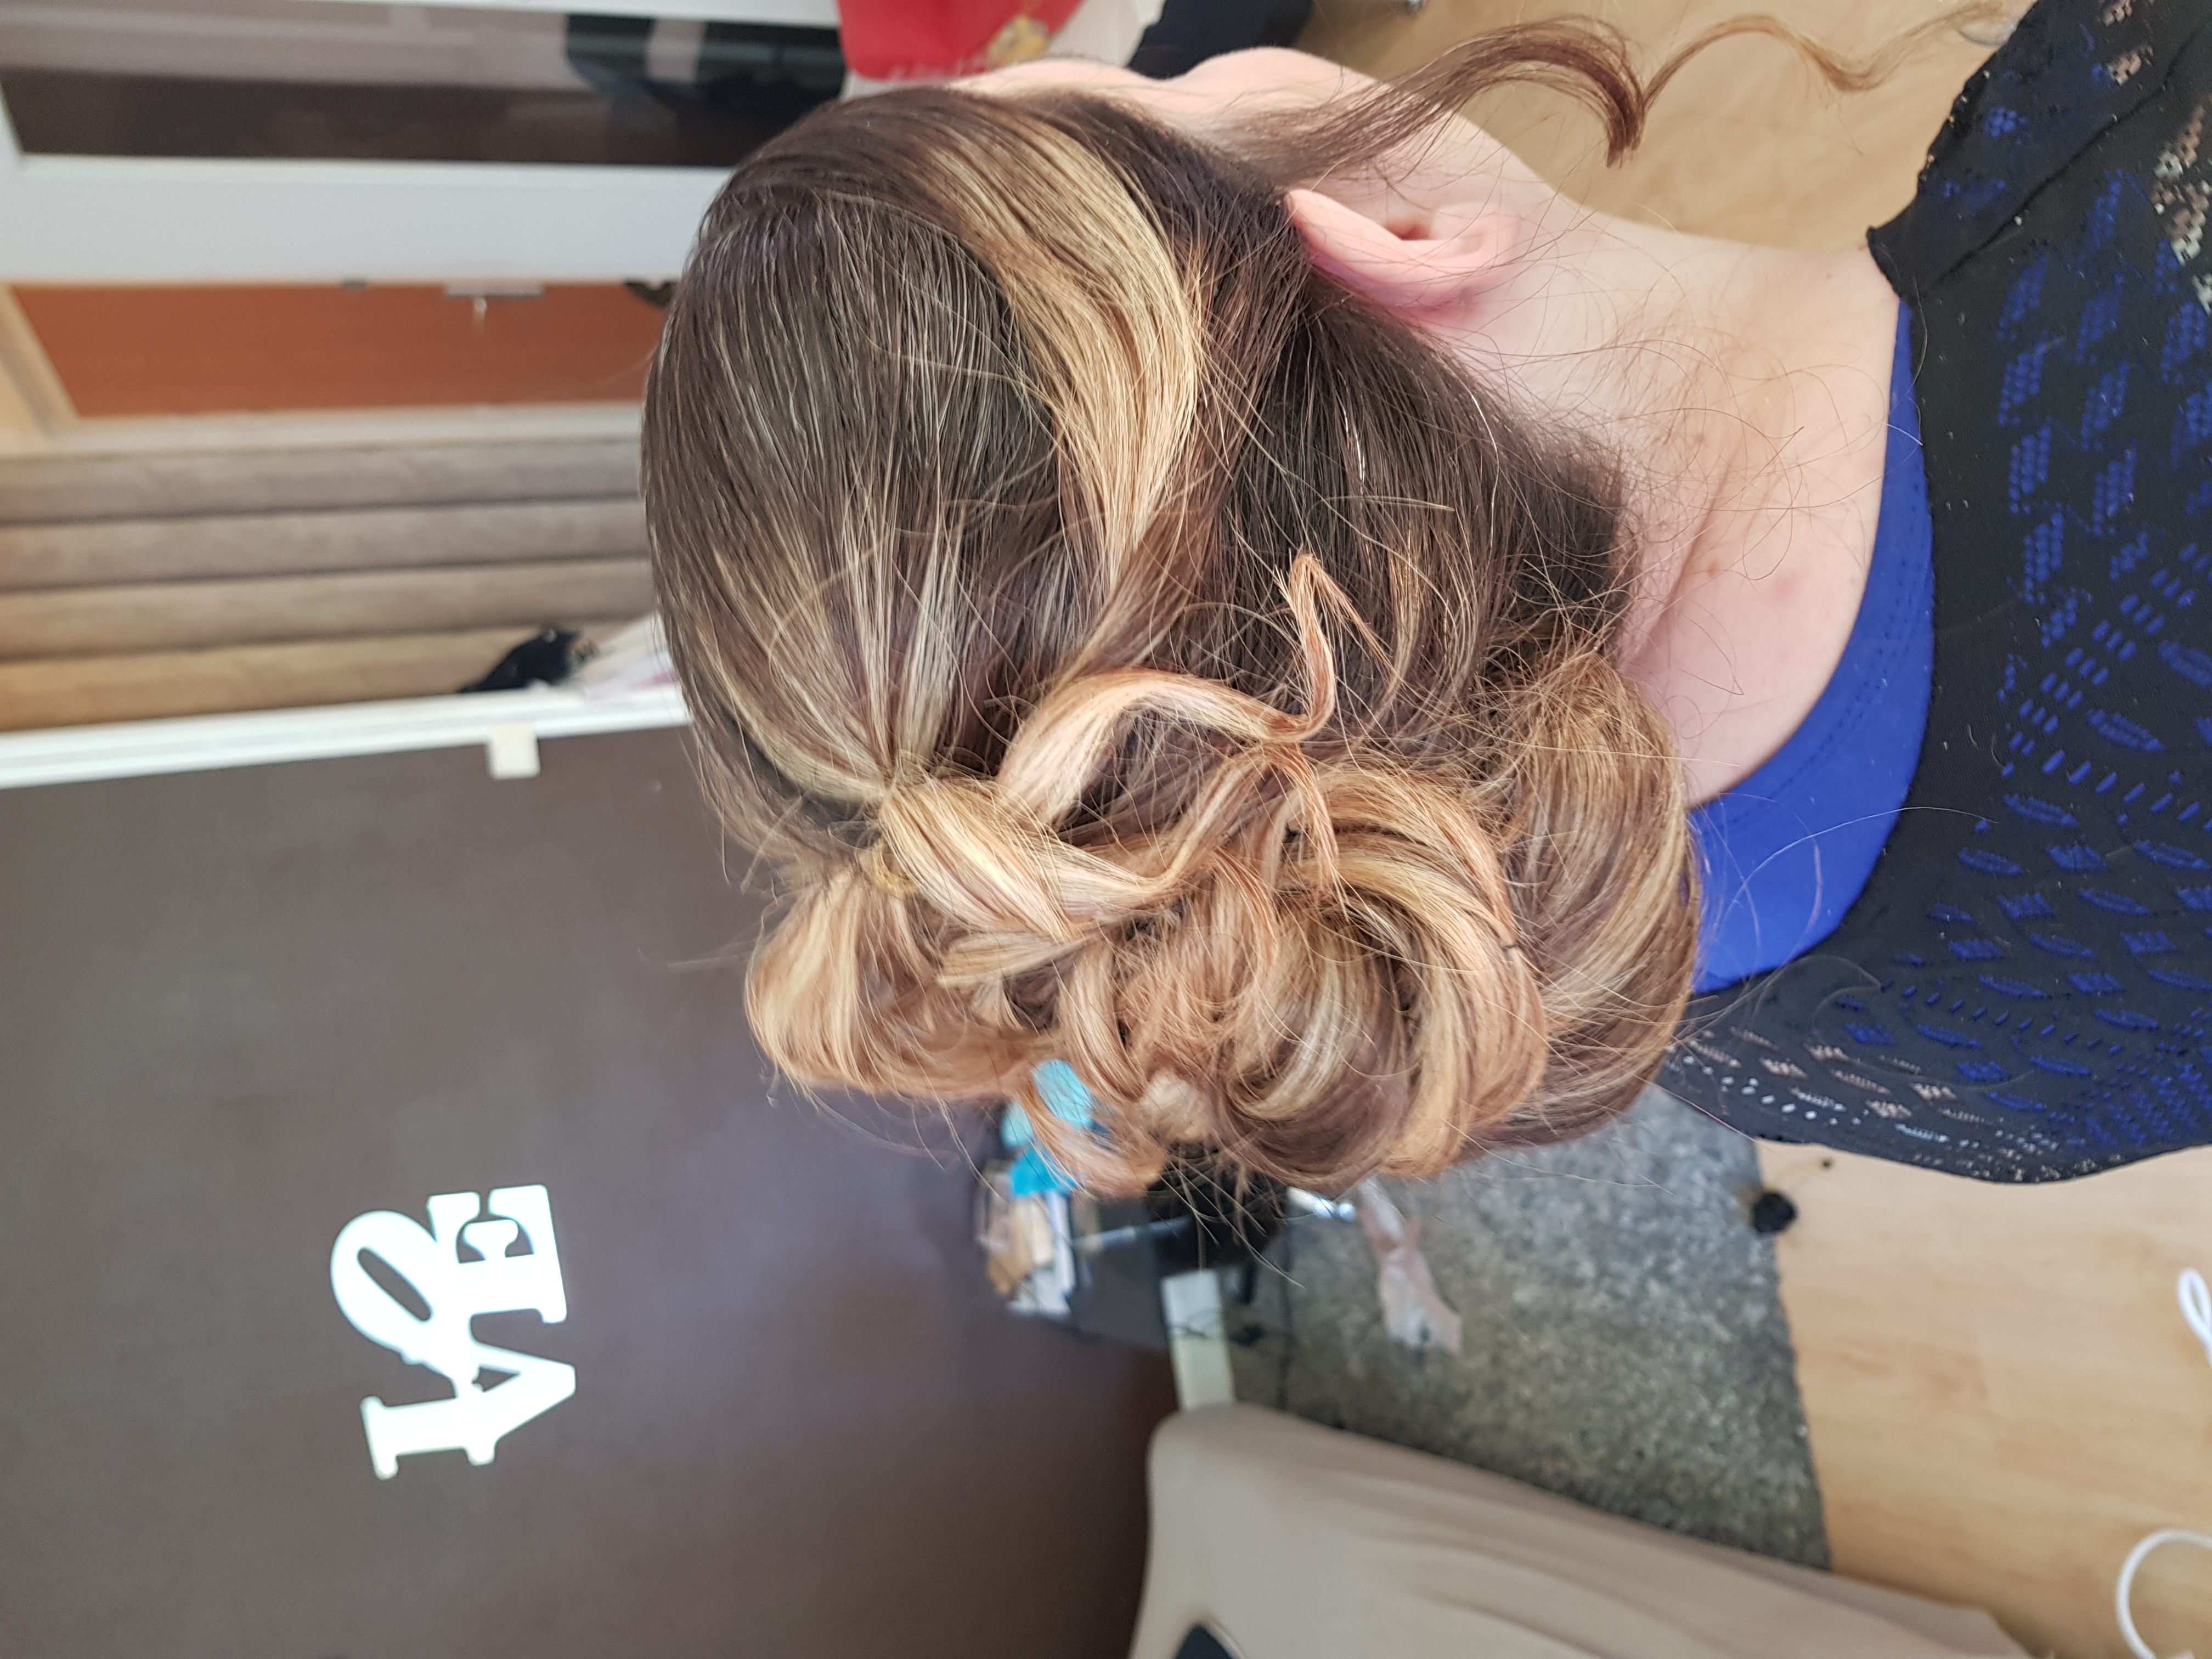 salon de coiffure afro tresse tresses box braids crochet braids vanilles tissages paris 75 77 78 91 92 93 94 95 RJIIOATO